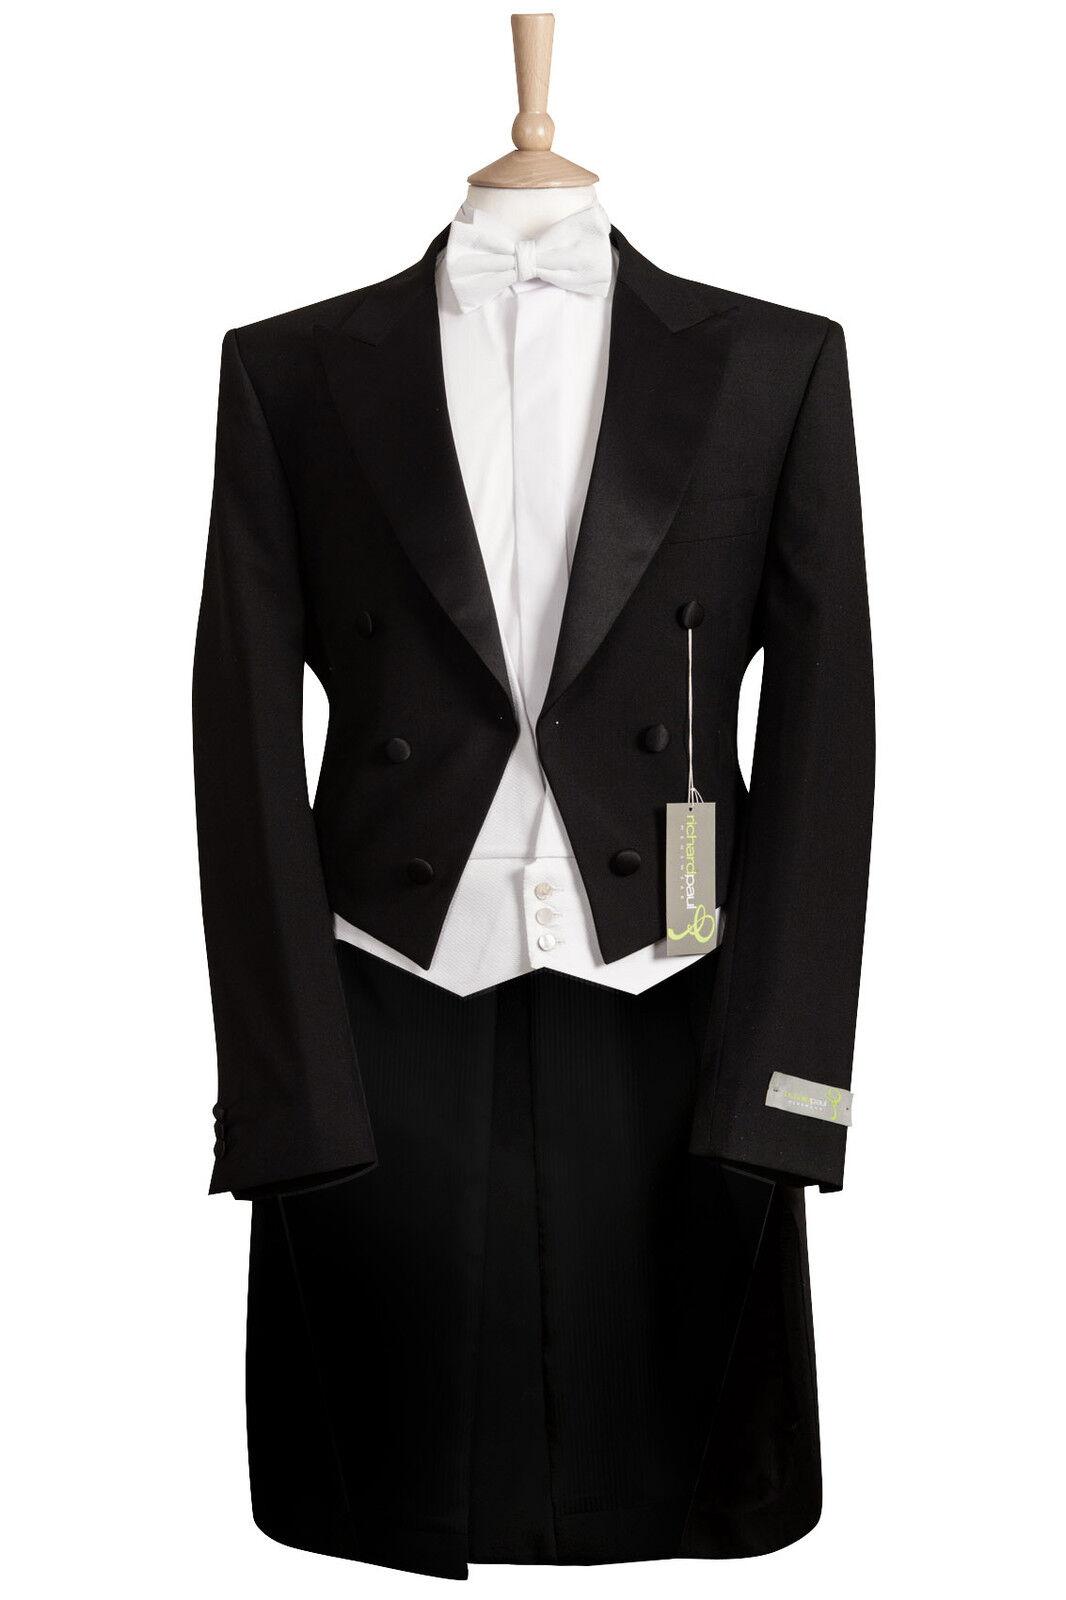 Neu Herren Schwarz Abend Weiß Krawatte Schweife Kleid Mansion House Hochzeit   | Treten Sie ein in die Welt der Spielzeuge und finden Sie eine Quelle des Glücks  | Hohe Qualität und geringer Aufwand  | Attraktives Aussehen